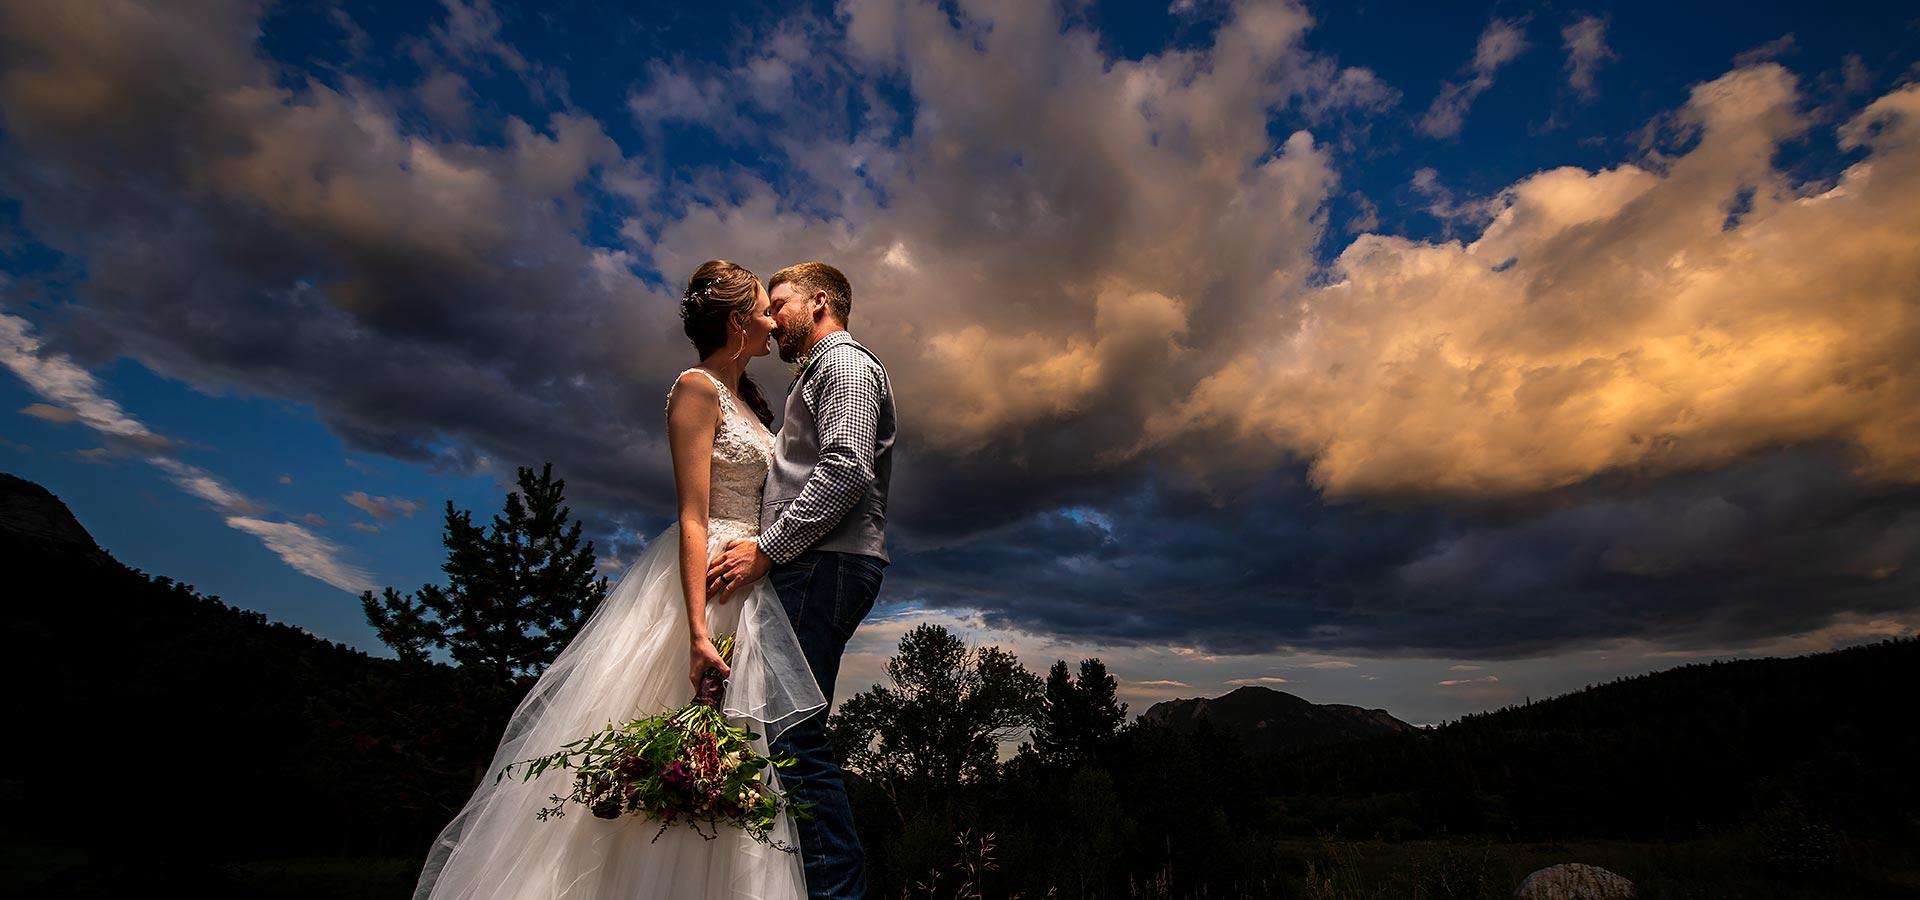 Bride and Groom Sunset Portrait   TenMile Station Wedding   Estes Park Wedding Photographer   J. La Plante Photo